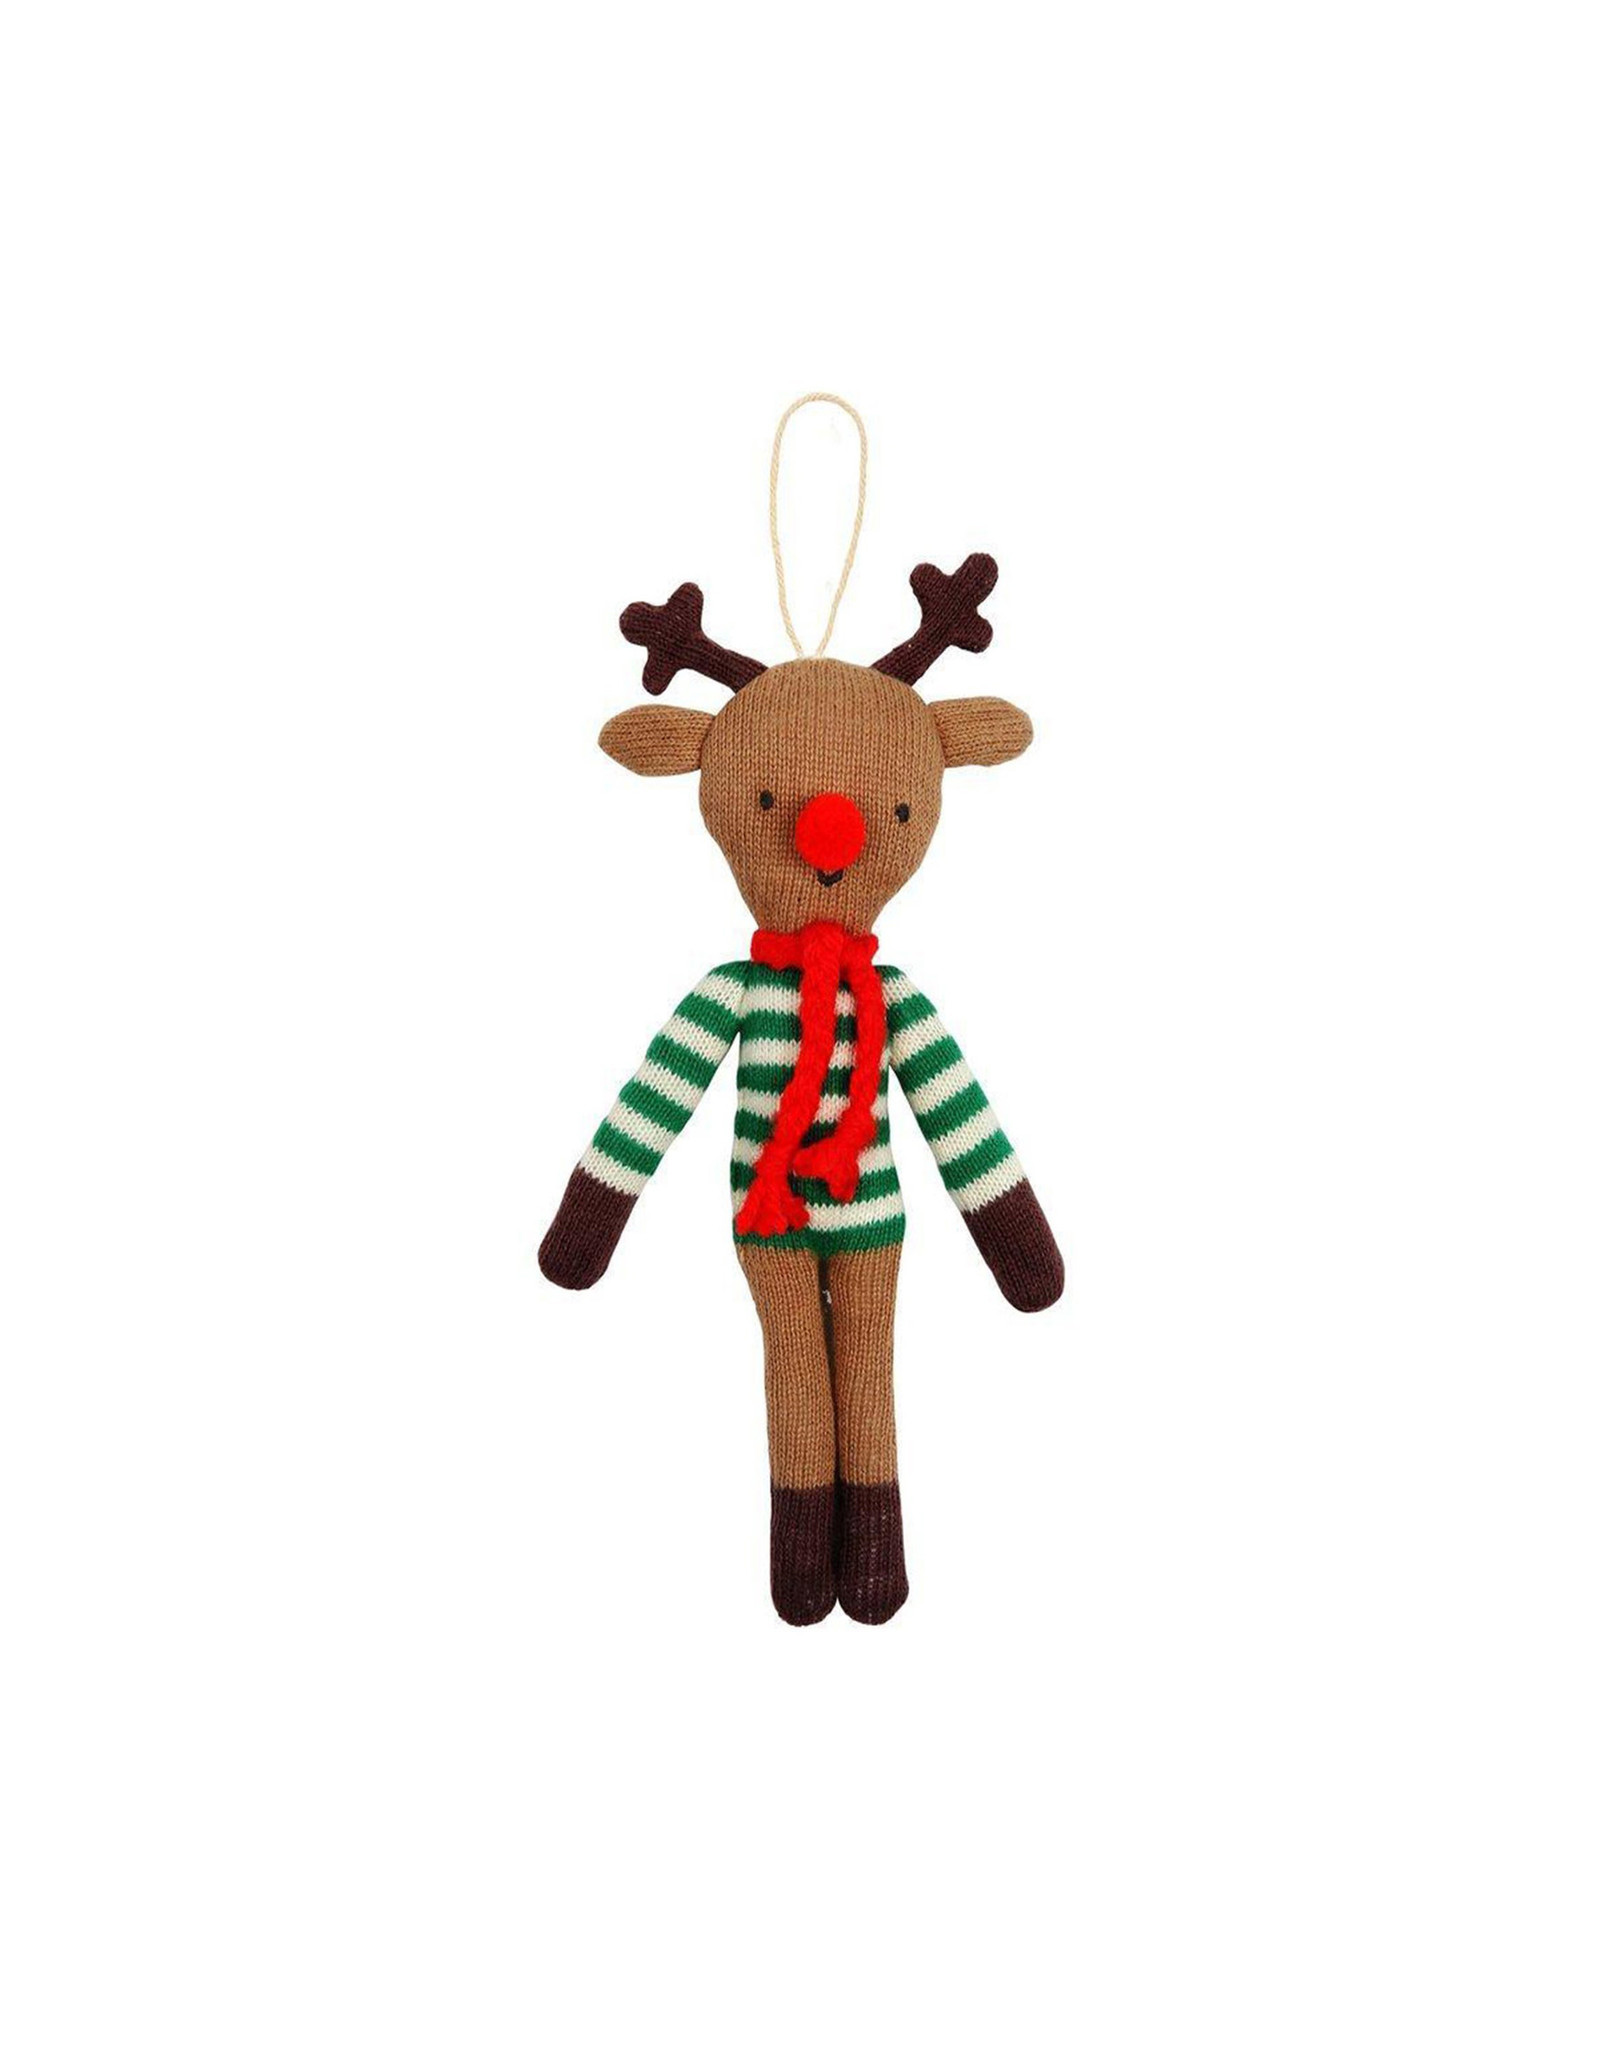 Meri Meri Reindeer Knitted Ornament